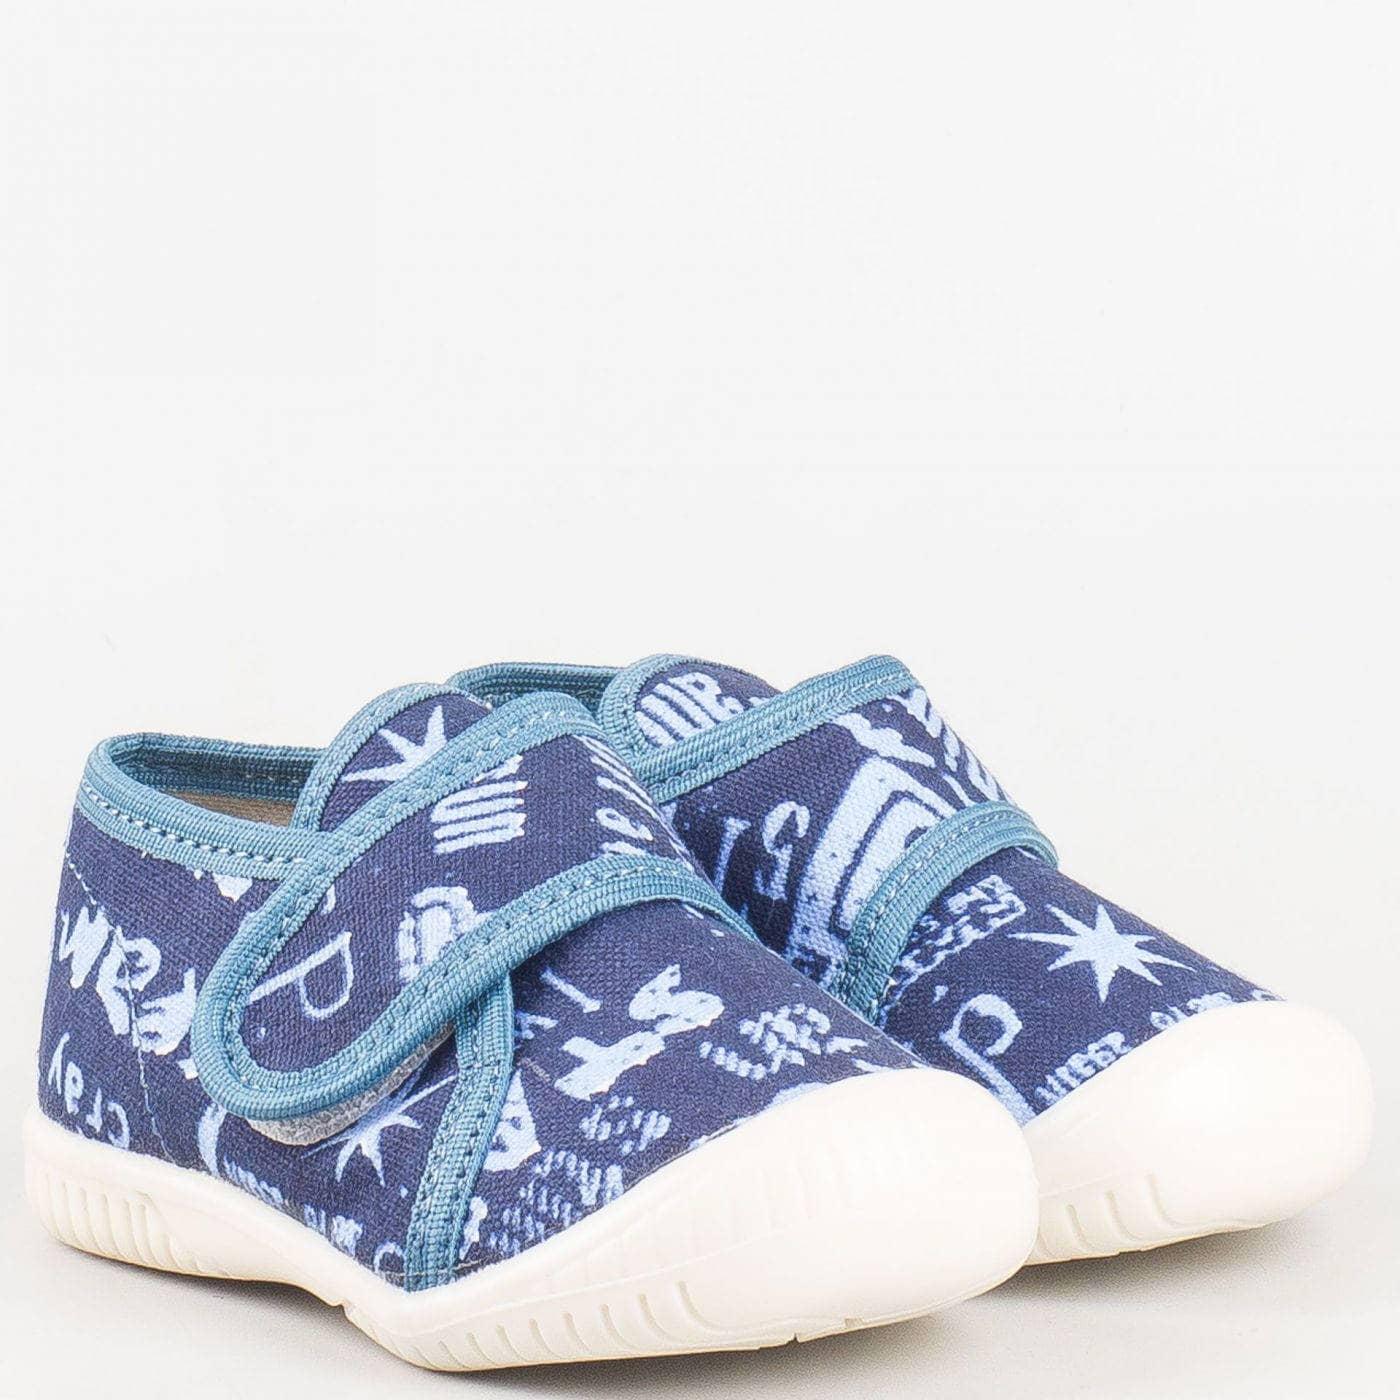 12aad51204e Текстилни детски пантофи с велкро лепенка в син или бежов цвят на водещ  български производител pf9-30 - Sisi-bg.com